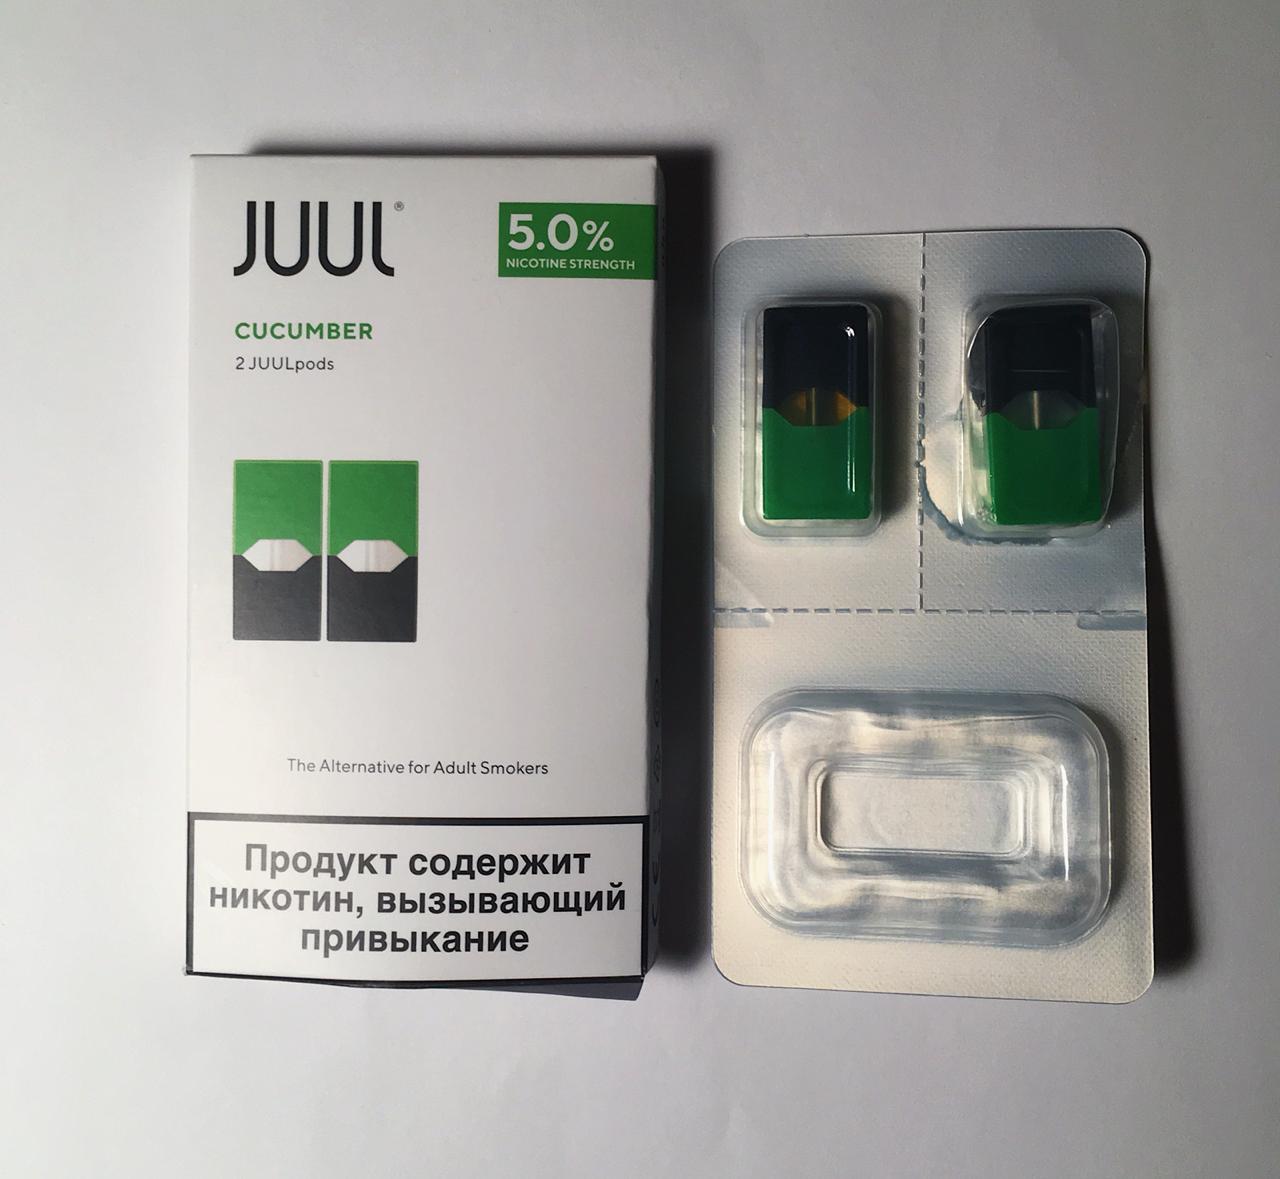 Купить сменный картридж электронной сигареты купить электронных сигарет в украине